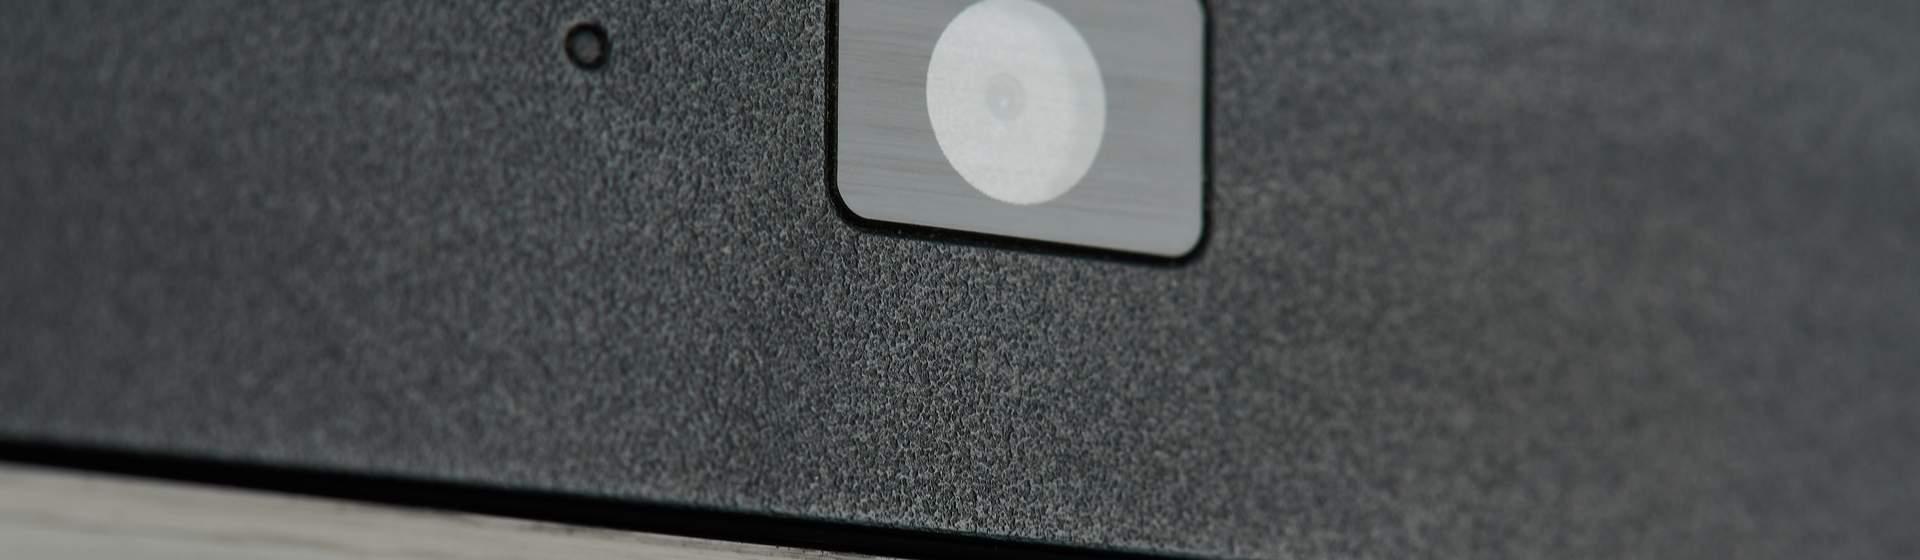 Como e por que escolher uma boa webcam para notebook?